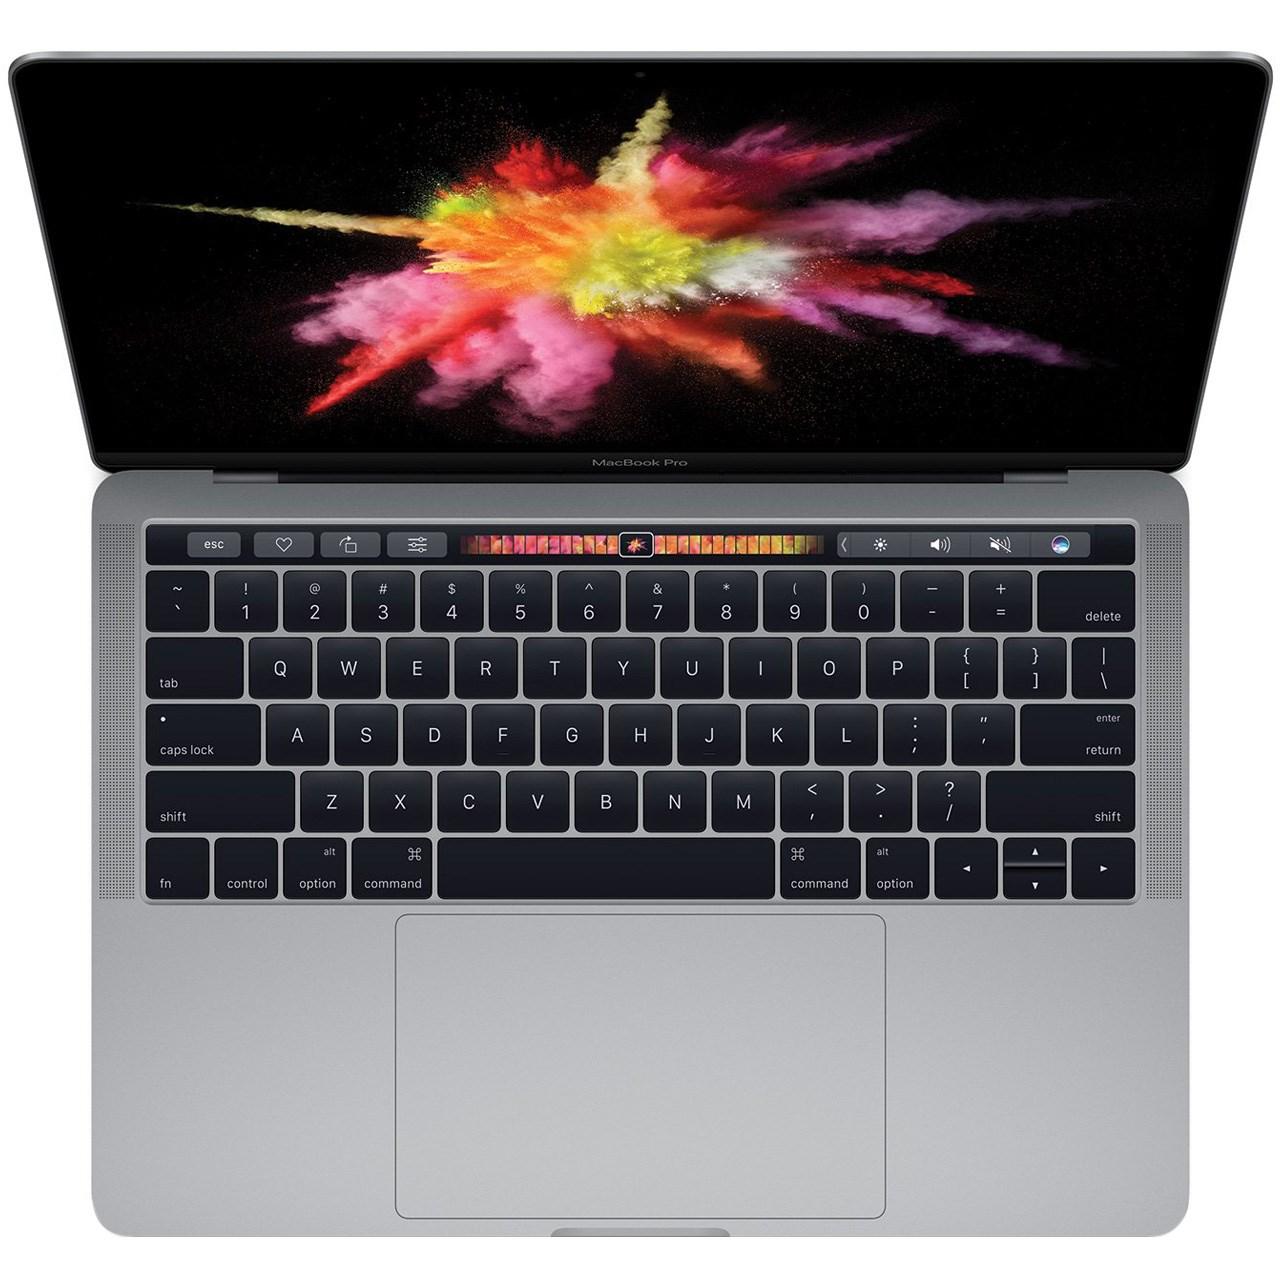 لپ تاپ 13 اینچی اپل مدل MacBook Pro MPXW2 2017 همراه با تاچ بار